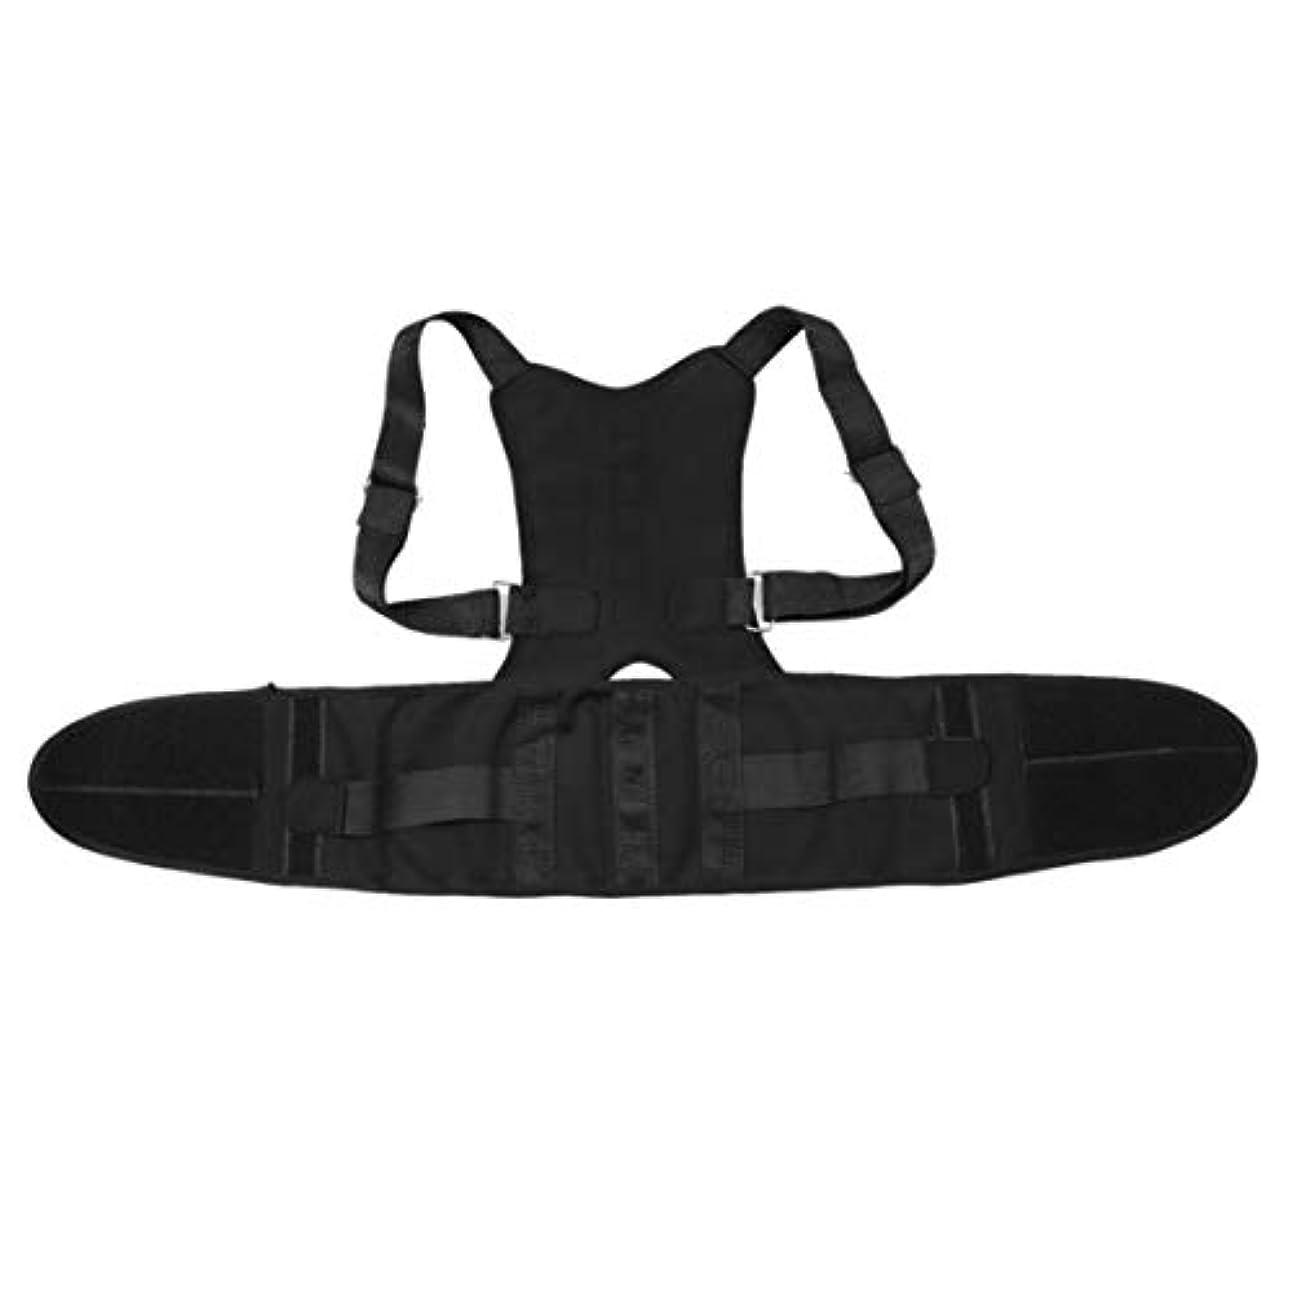 提出するバナナ滑る快適で調整可能な男性女性姿勢補正コルセットバックサポートブレースショルダーバックベルトランバーサポート-ブラック